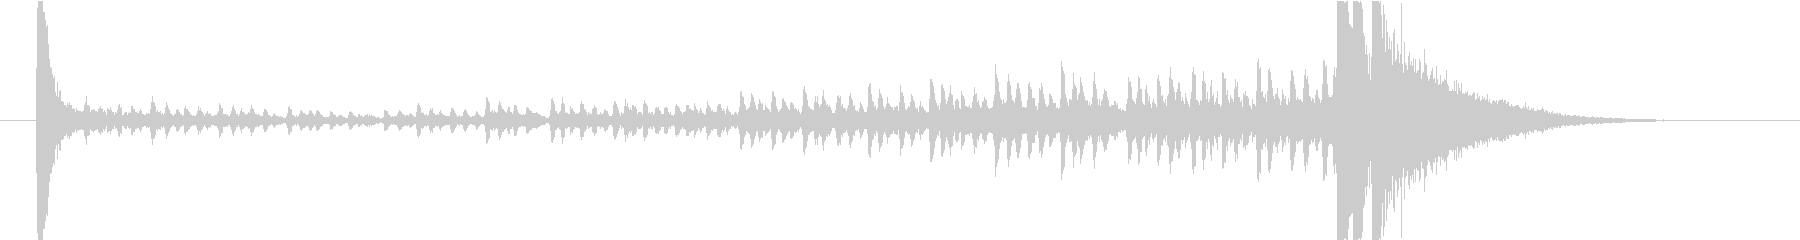 6秒・ドラムロール(タカタカ→シャーン)の未再生の波形